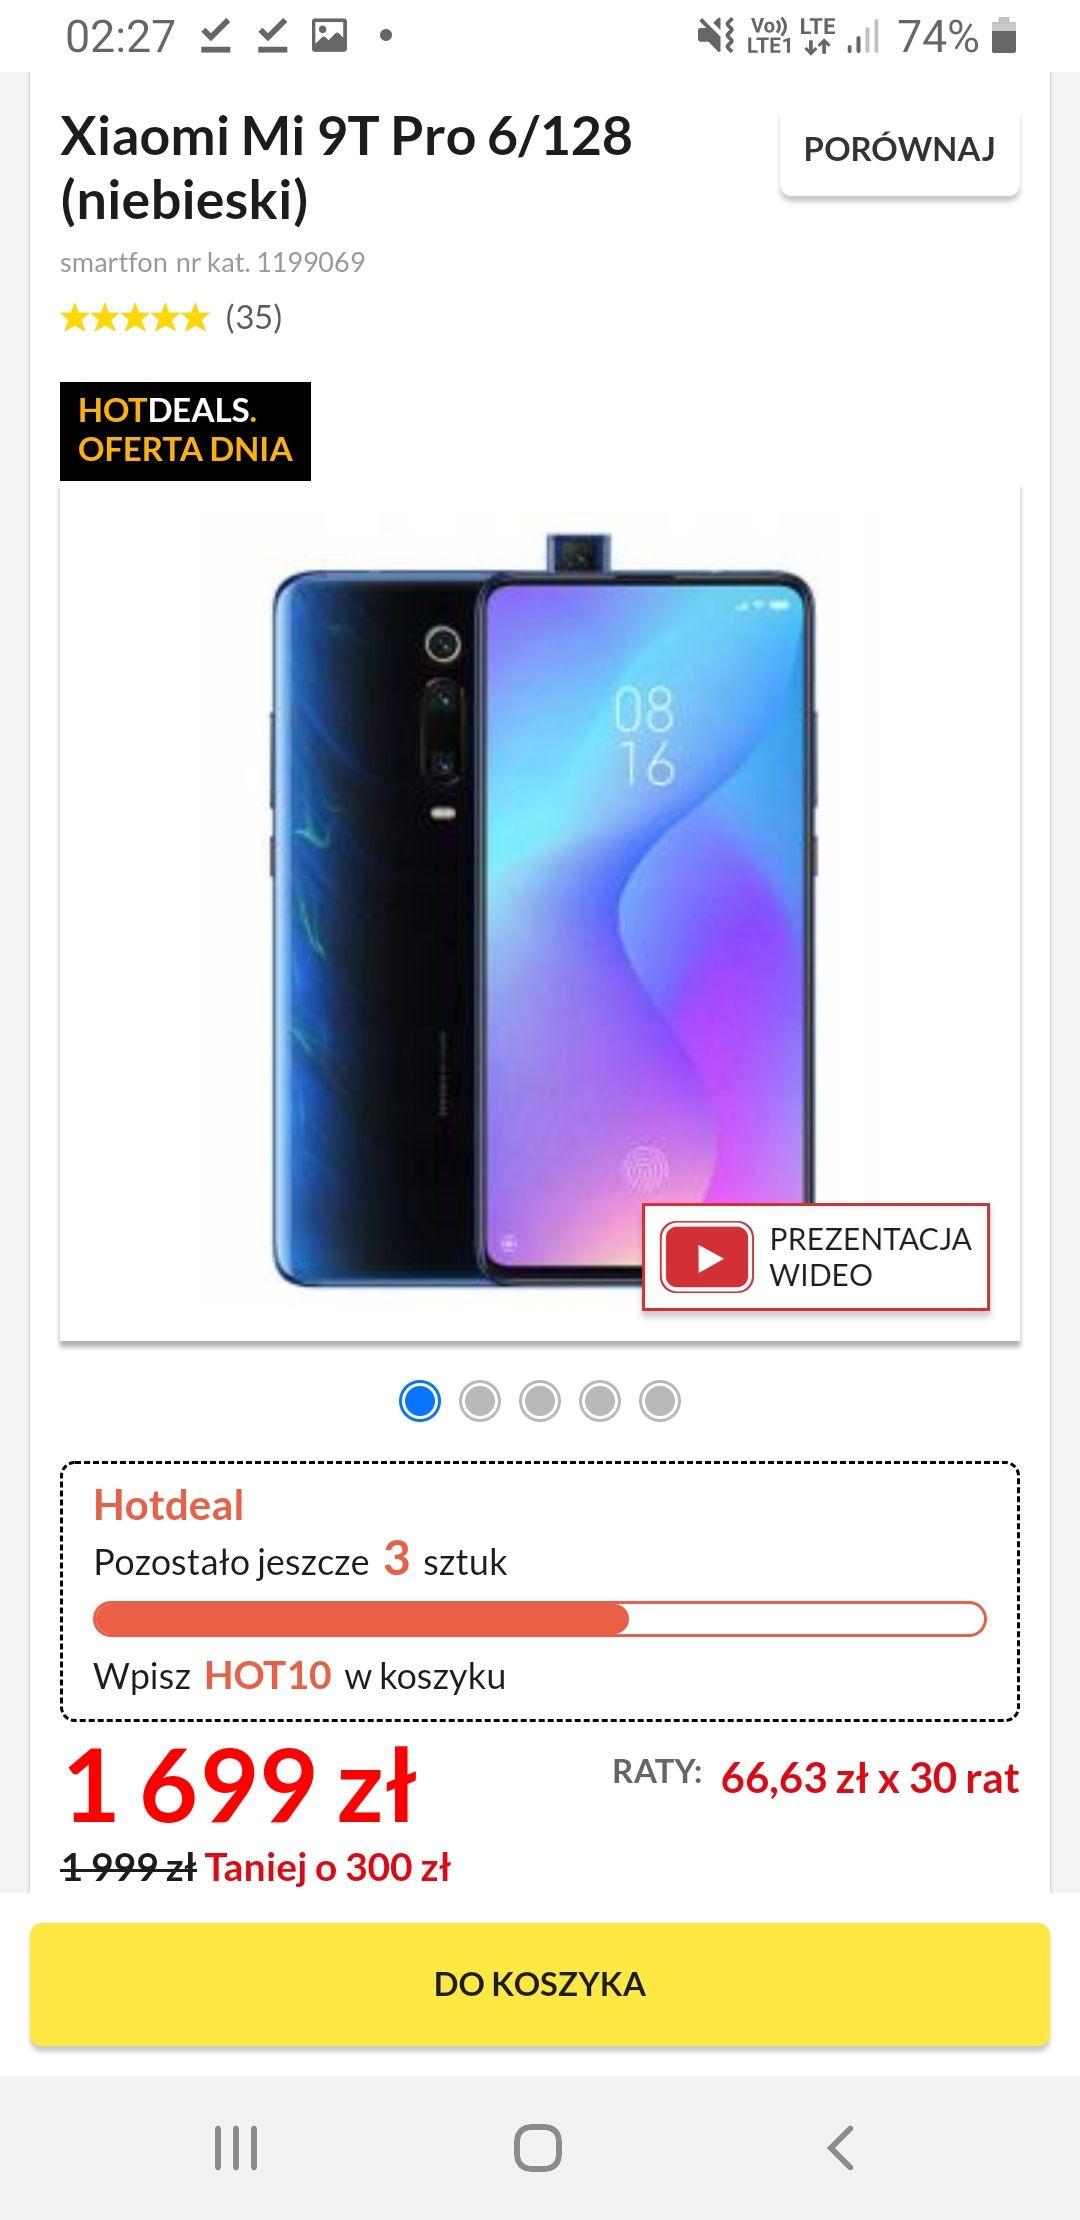 Xiaomi Mi 9T Pro 6/128 (niebieski) oficjalna PL dystrybucja